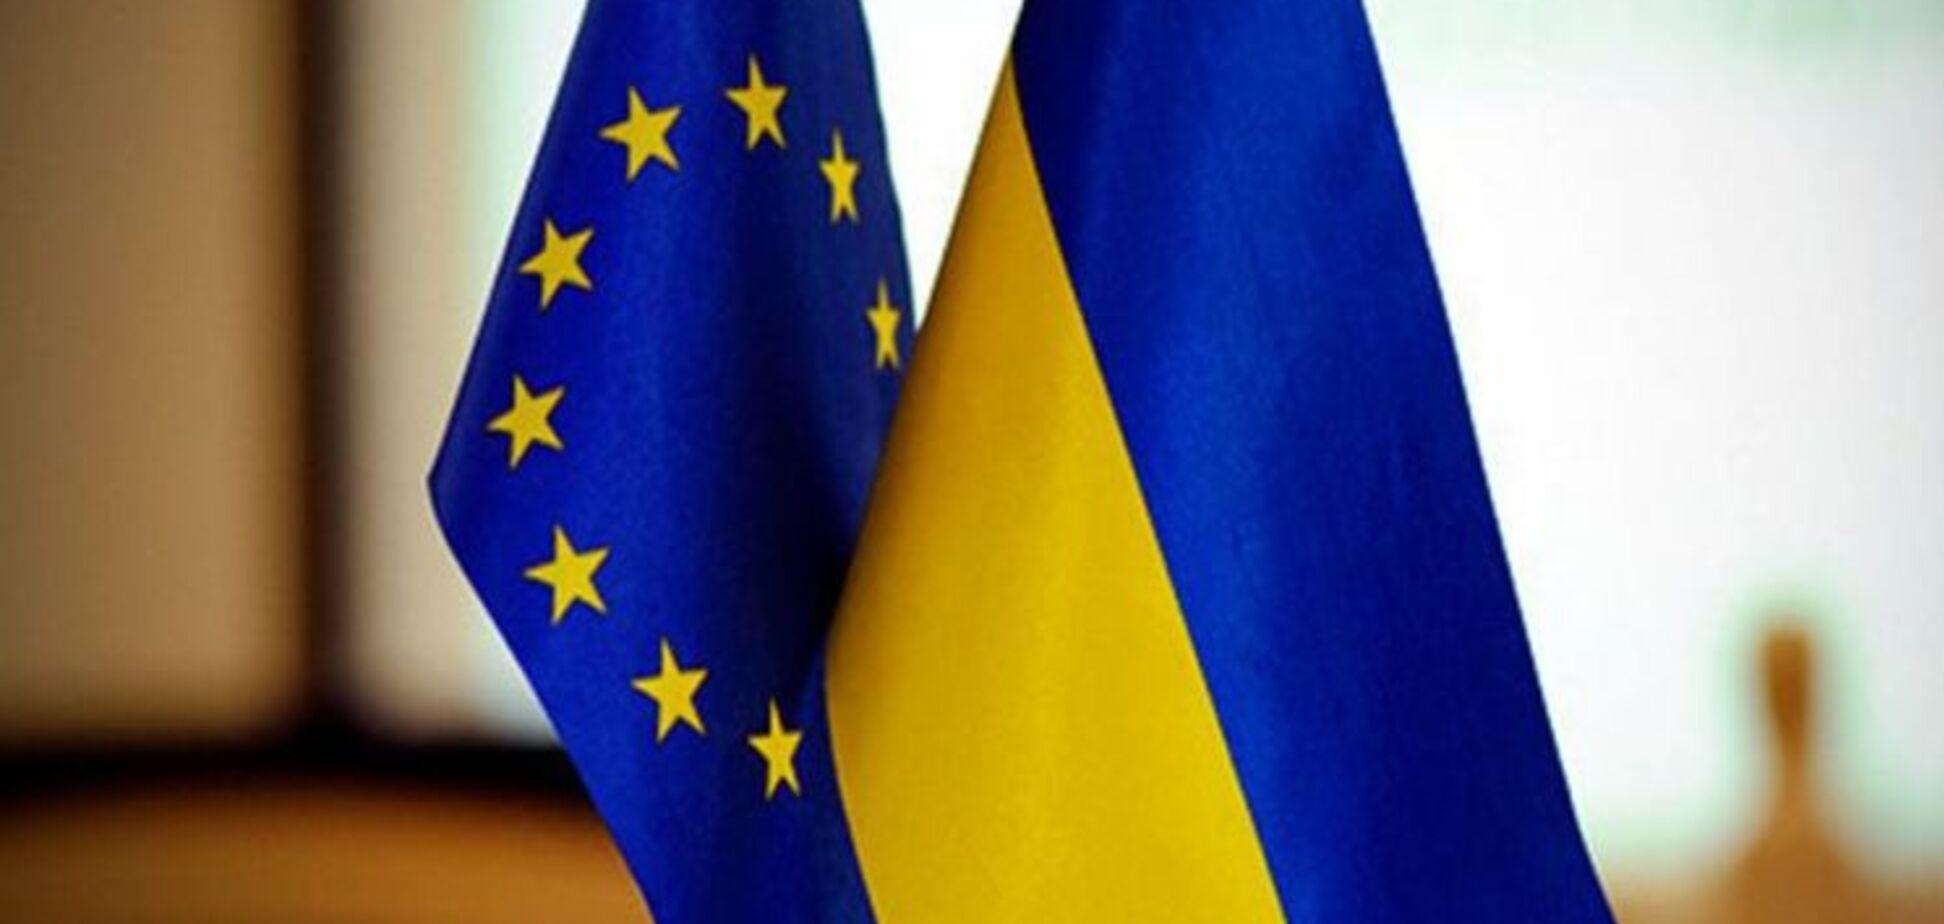 Вступ до ЄС: в Євросоюзі заявили про 'безперспективність' України